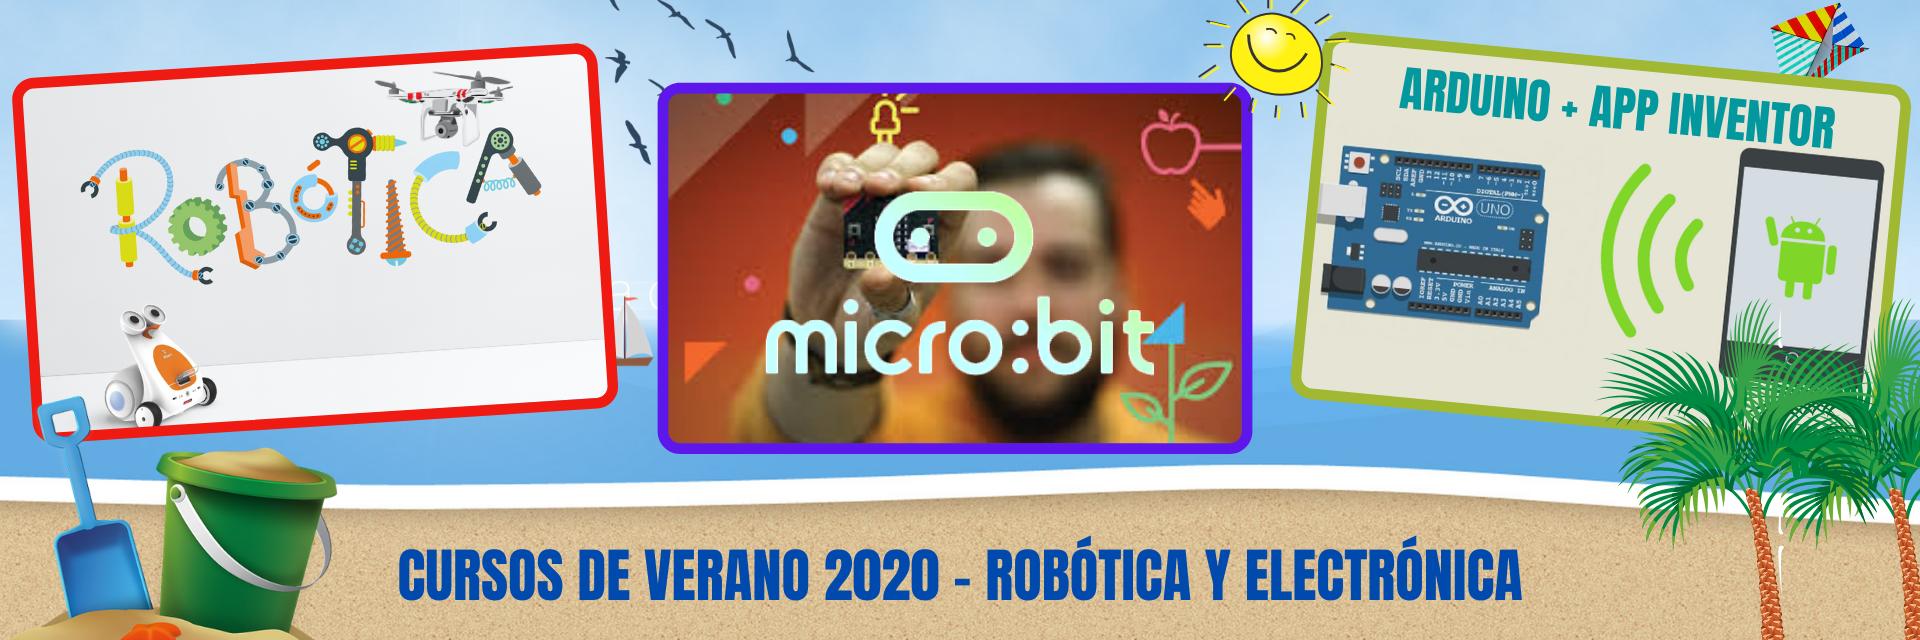 Cursos de robótica y elecrónica en Crea tu mundo